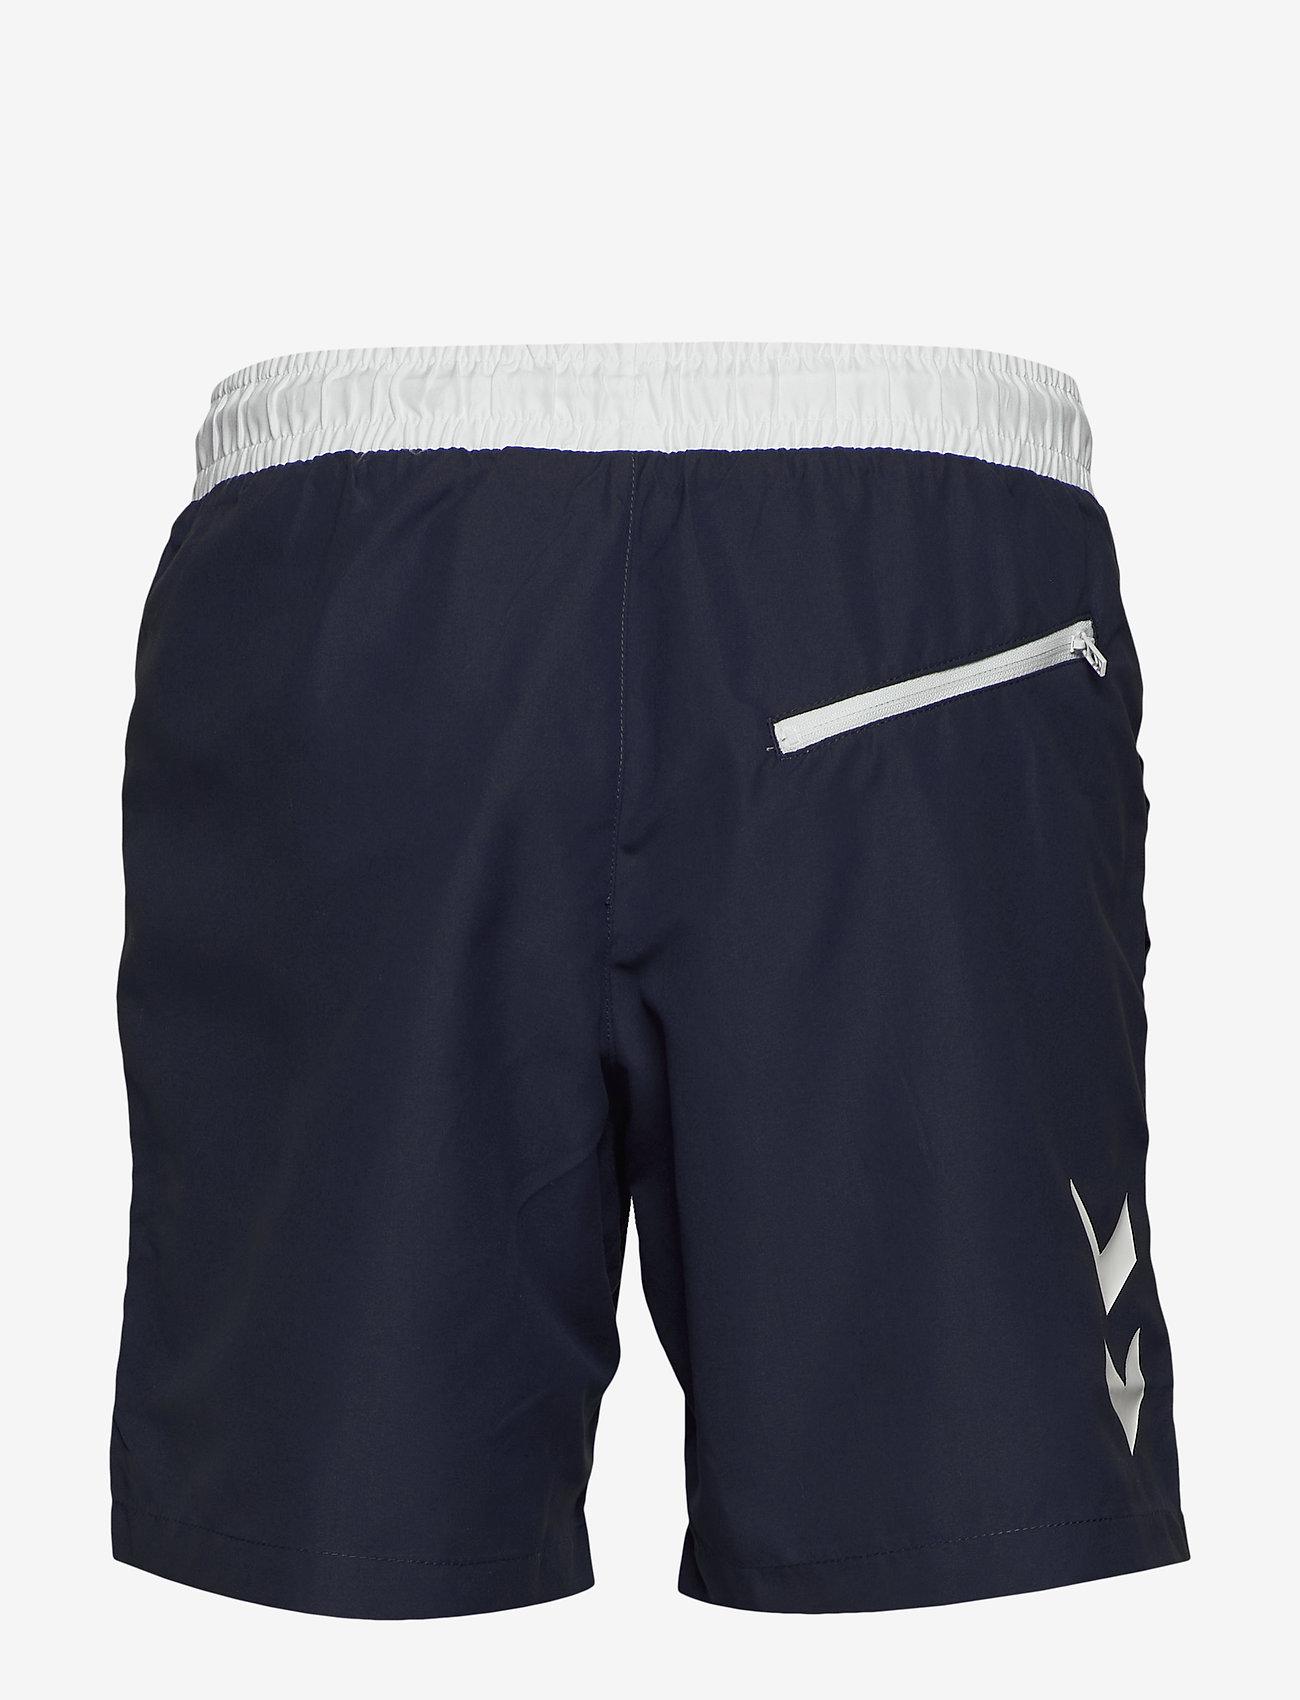 Hummel - hmlJORDAN BOARD SHORTS - board shorts - white - 1